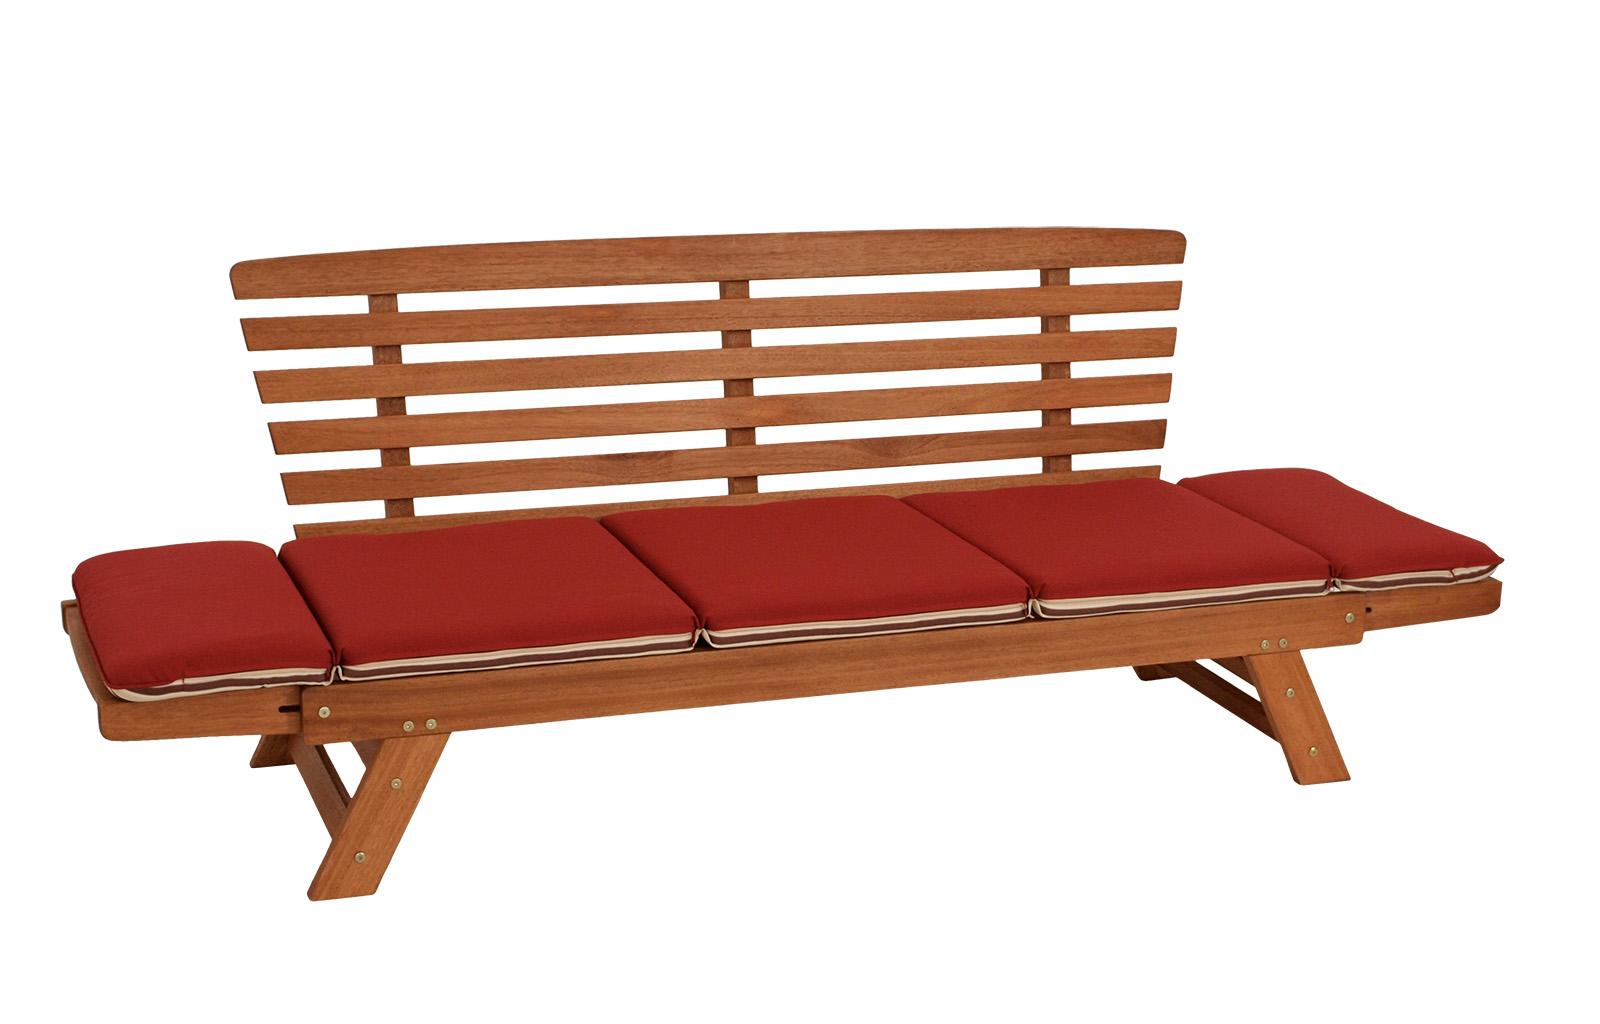 Liegesofa TIROL 202cm, Eukalyptus geölt, Wendeauflage Auflage rot beige, FSC®-ze